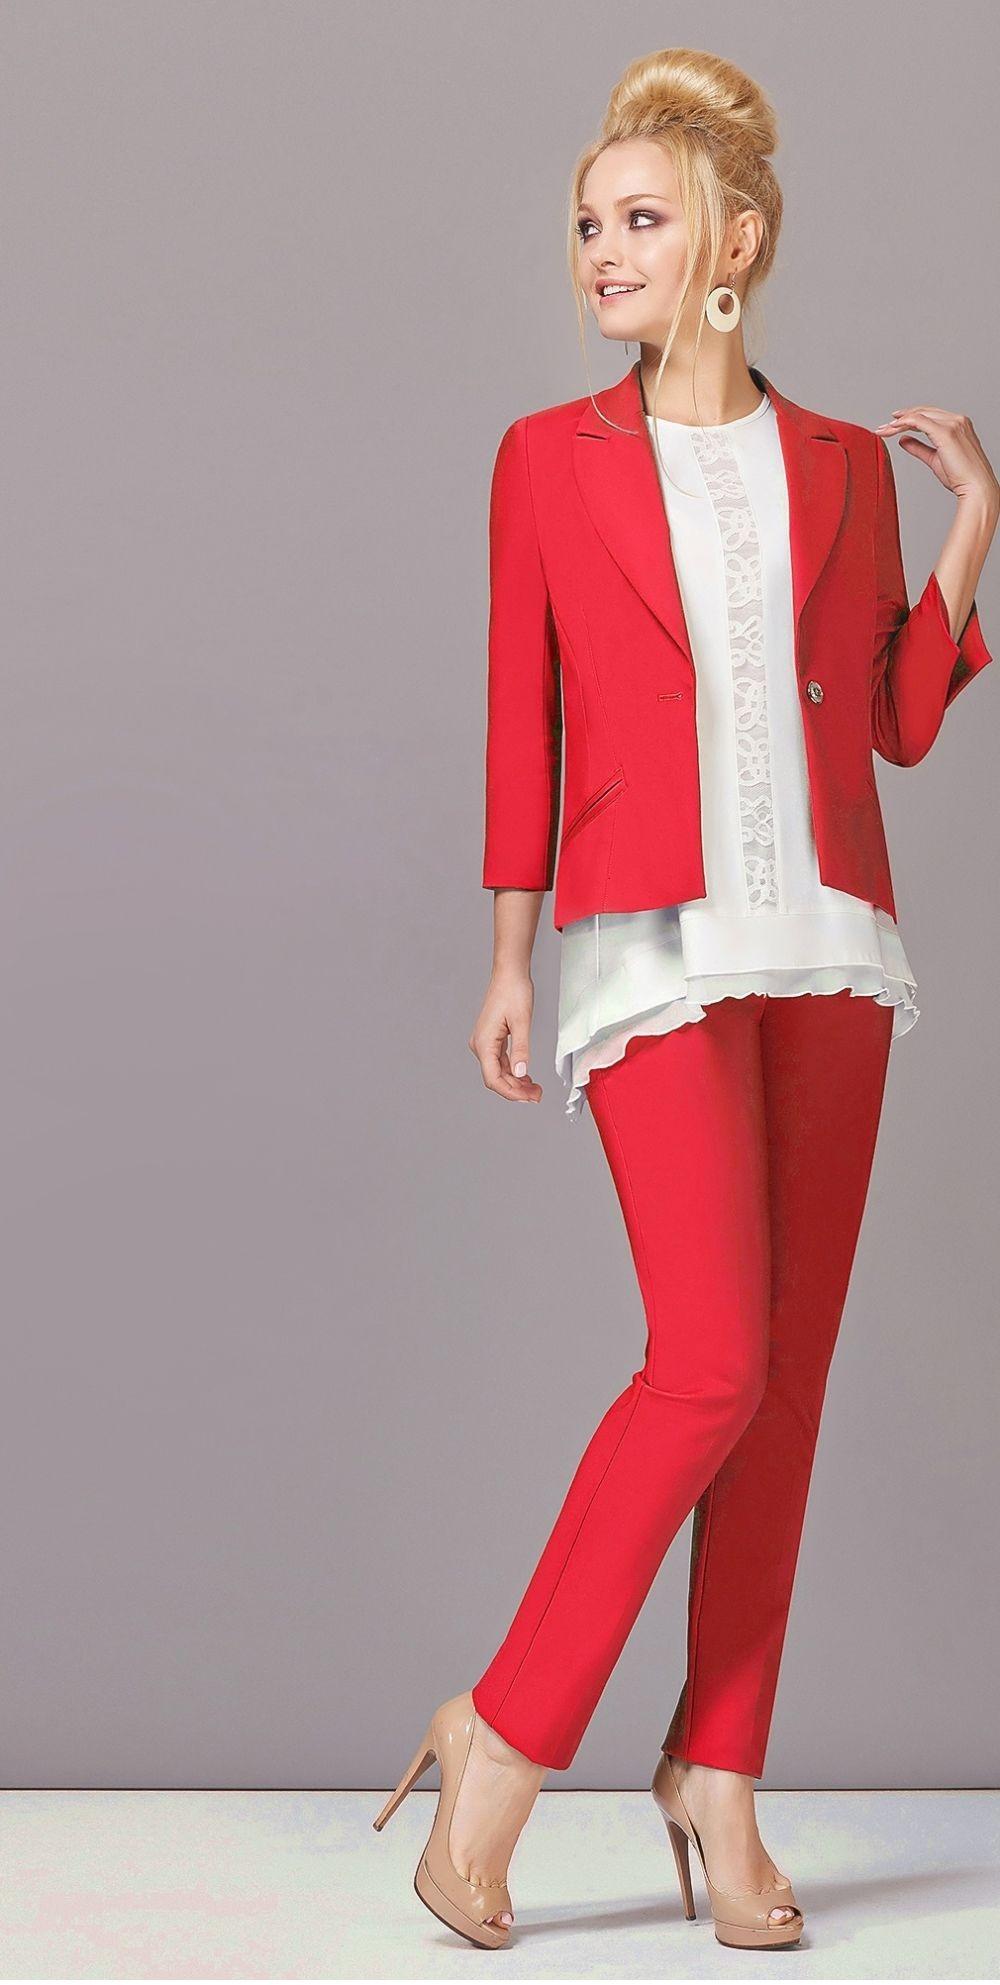 Что одеть на новогодний корпоратив 2019 фото: костюм брючный красный